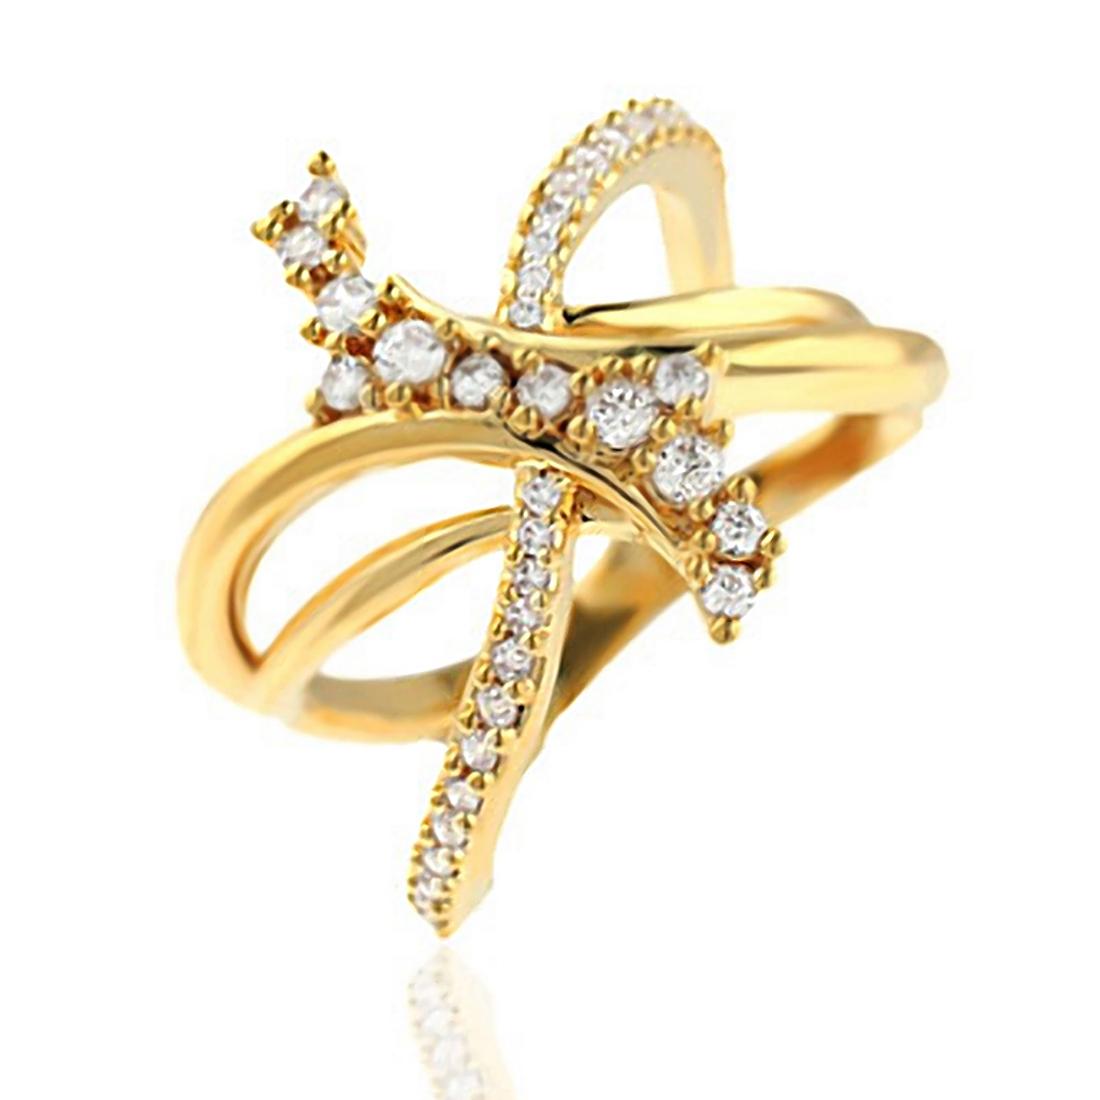 Anel de Laço Semijoia em ouro 18K com Zircônia Branca  - Soloyou